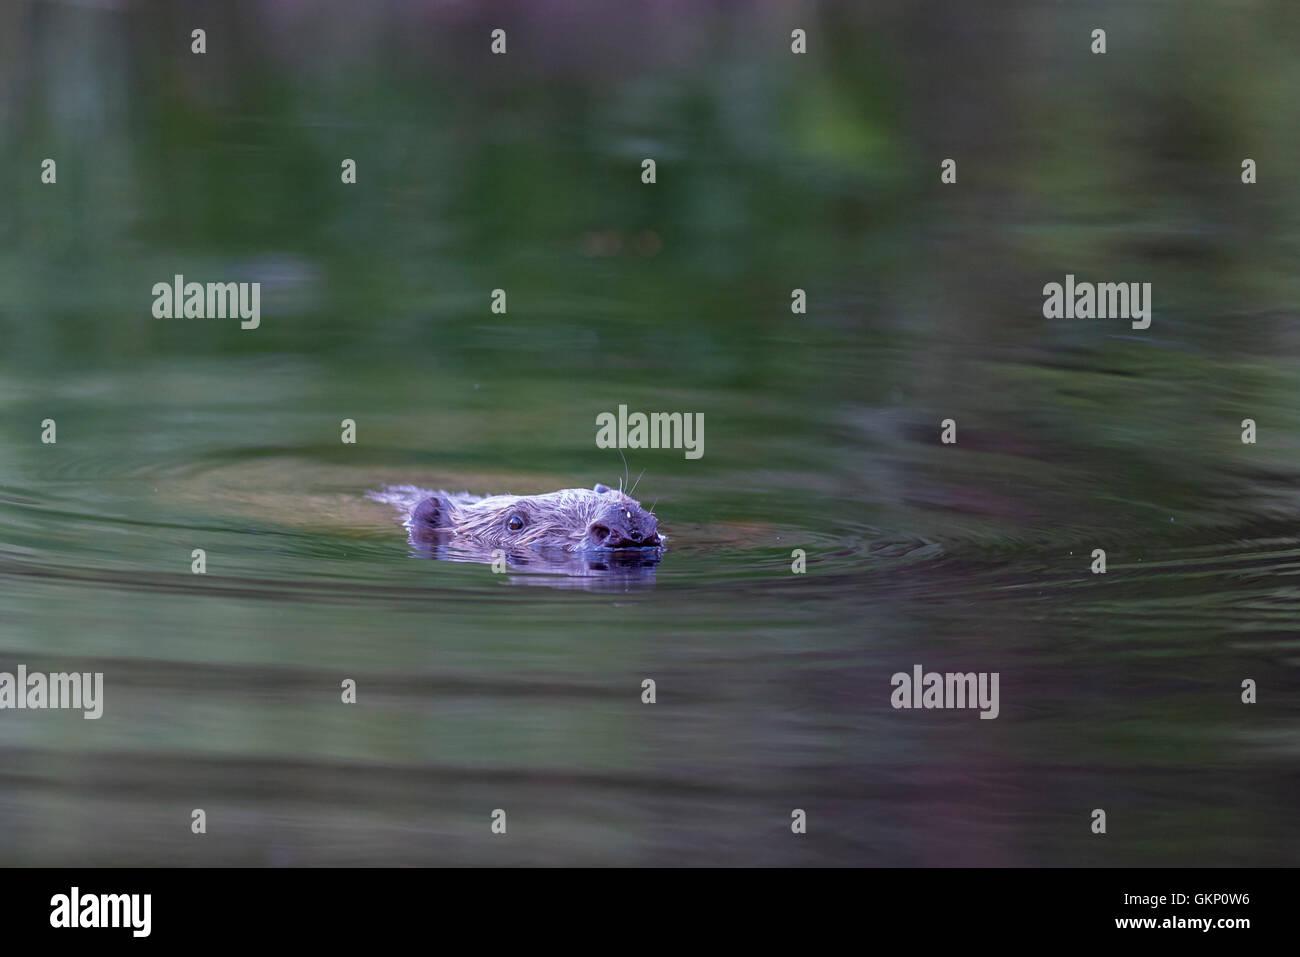 bäver, Castor, Castoridae, gnagare, vattendjur, bäverdamm, fördämning, byggare, beaver, Castor, Castoridae, rodents, Stock Photo